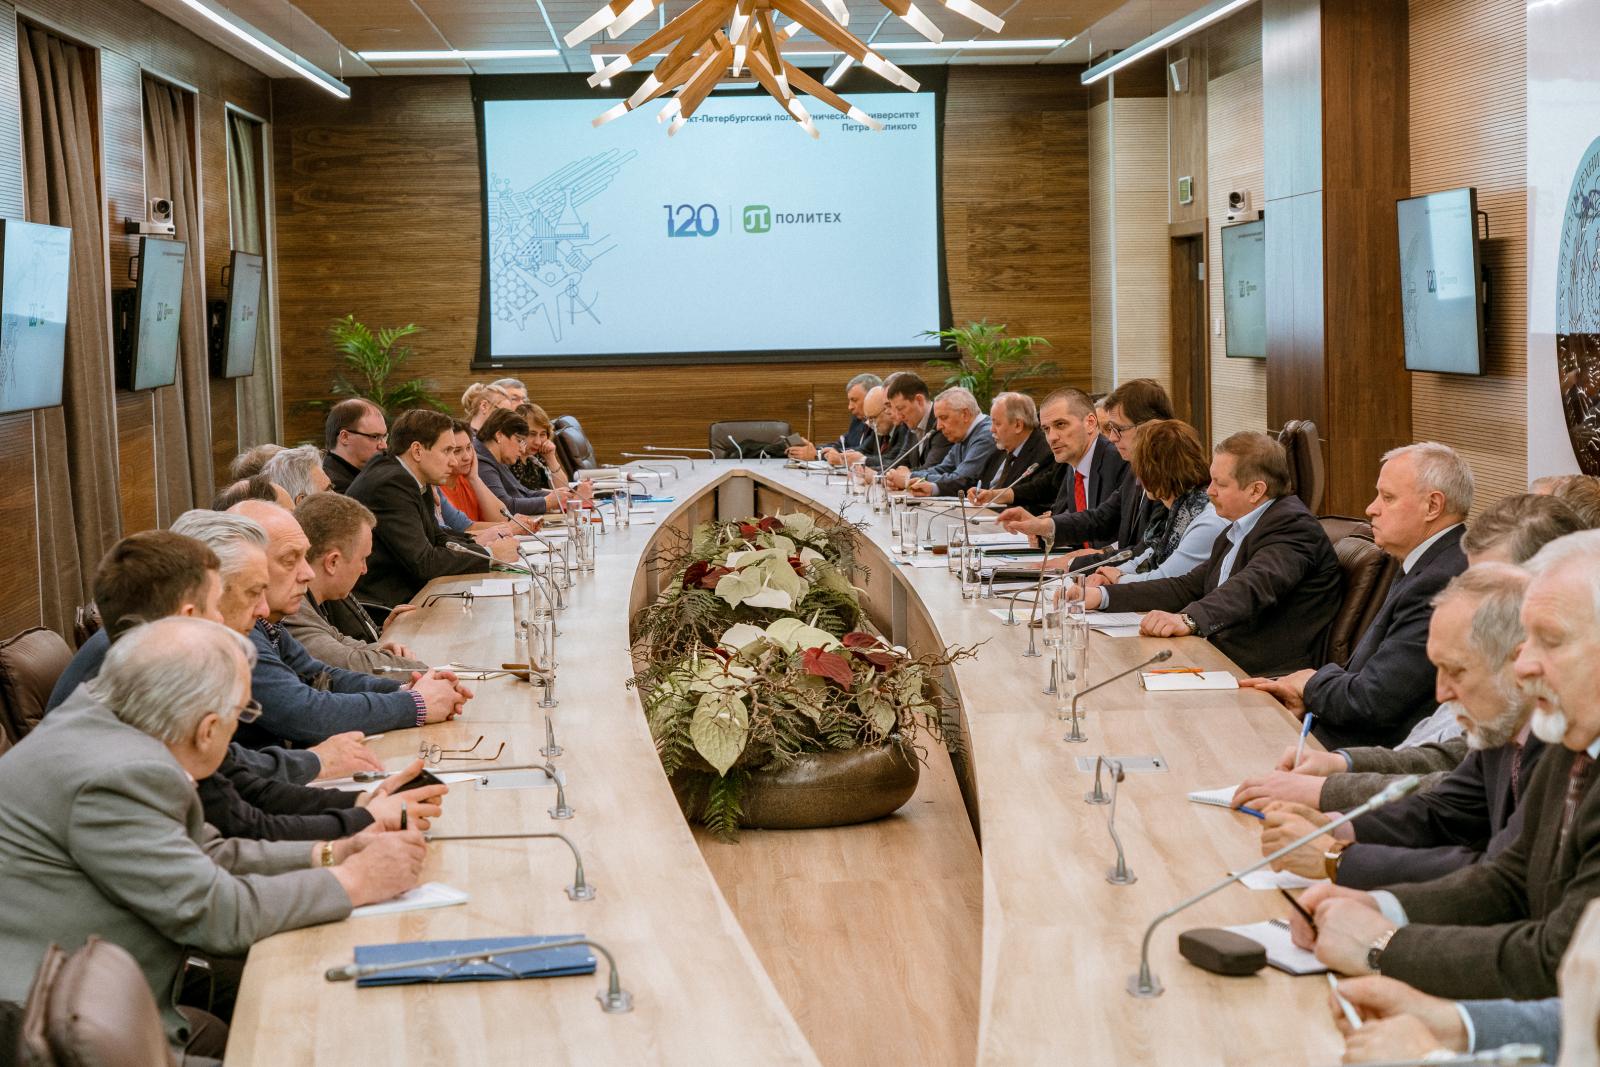 Состоялось заседание президиума Научно-аттестационной комиссии СПбПУ